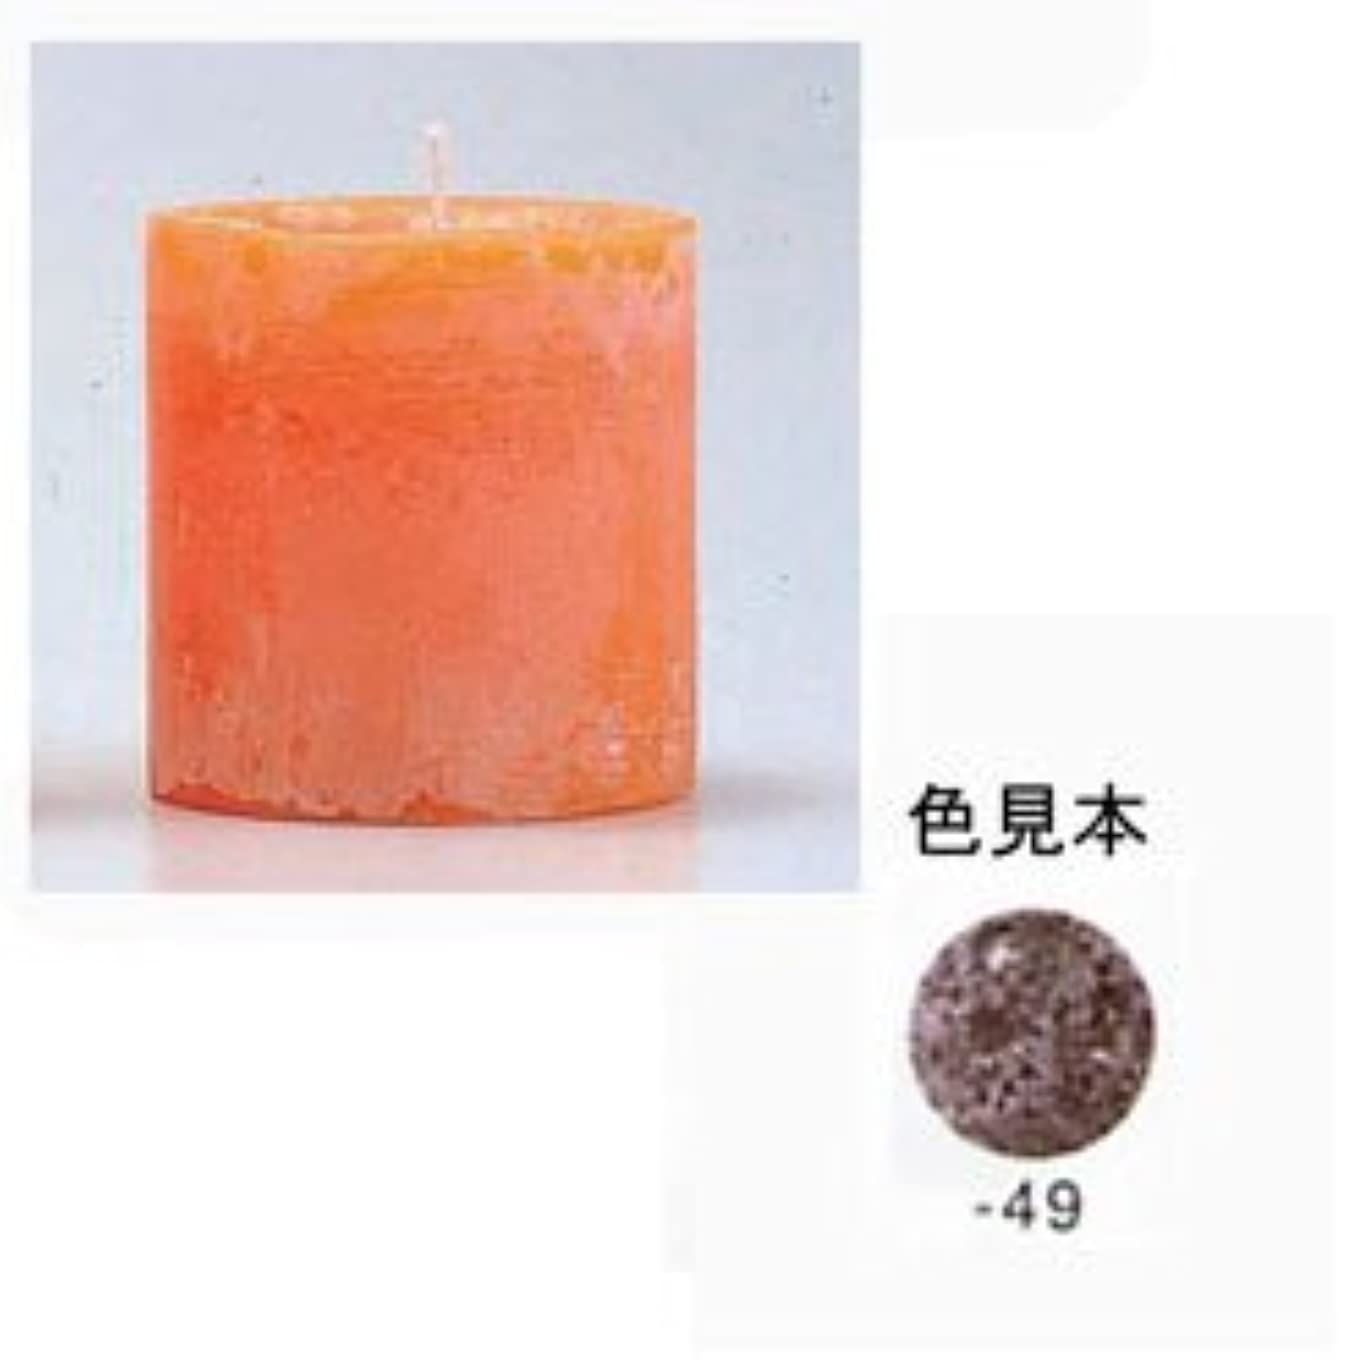 日付付き影職業ナチュレ 2?3/4×3 ローアンバー